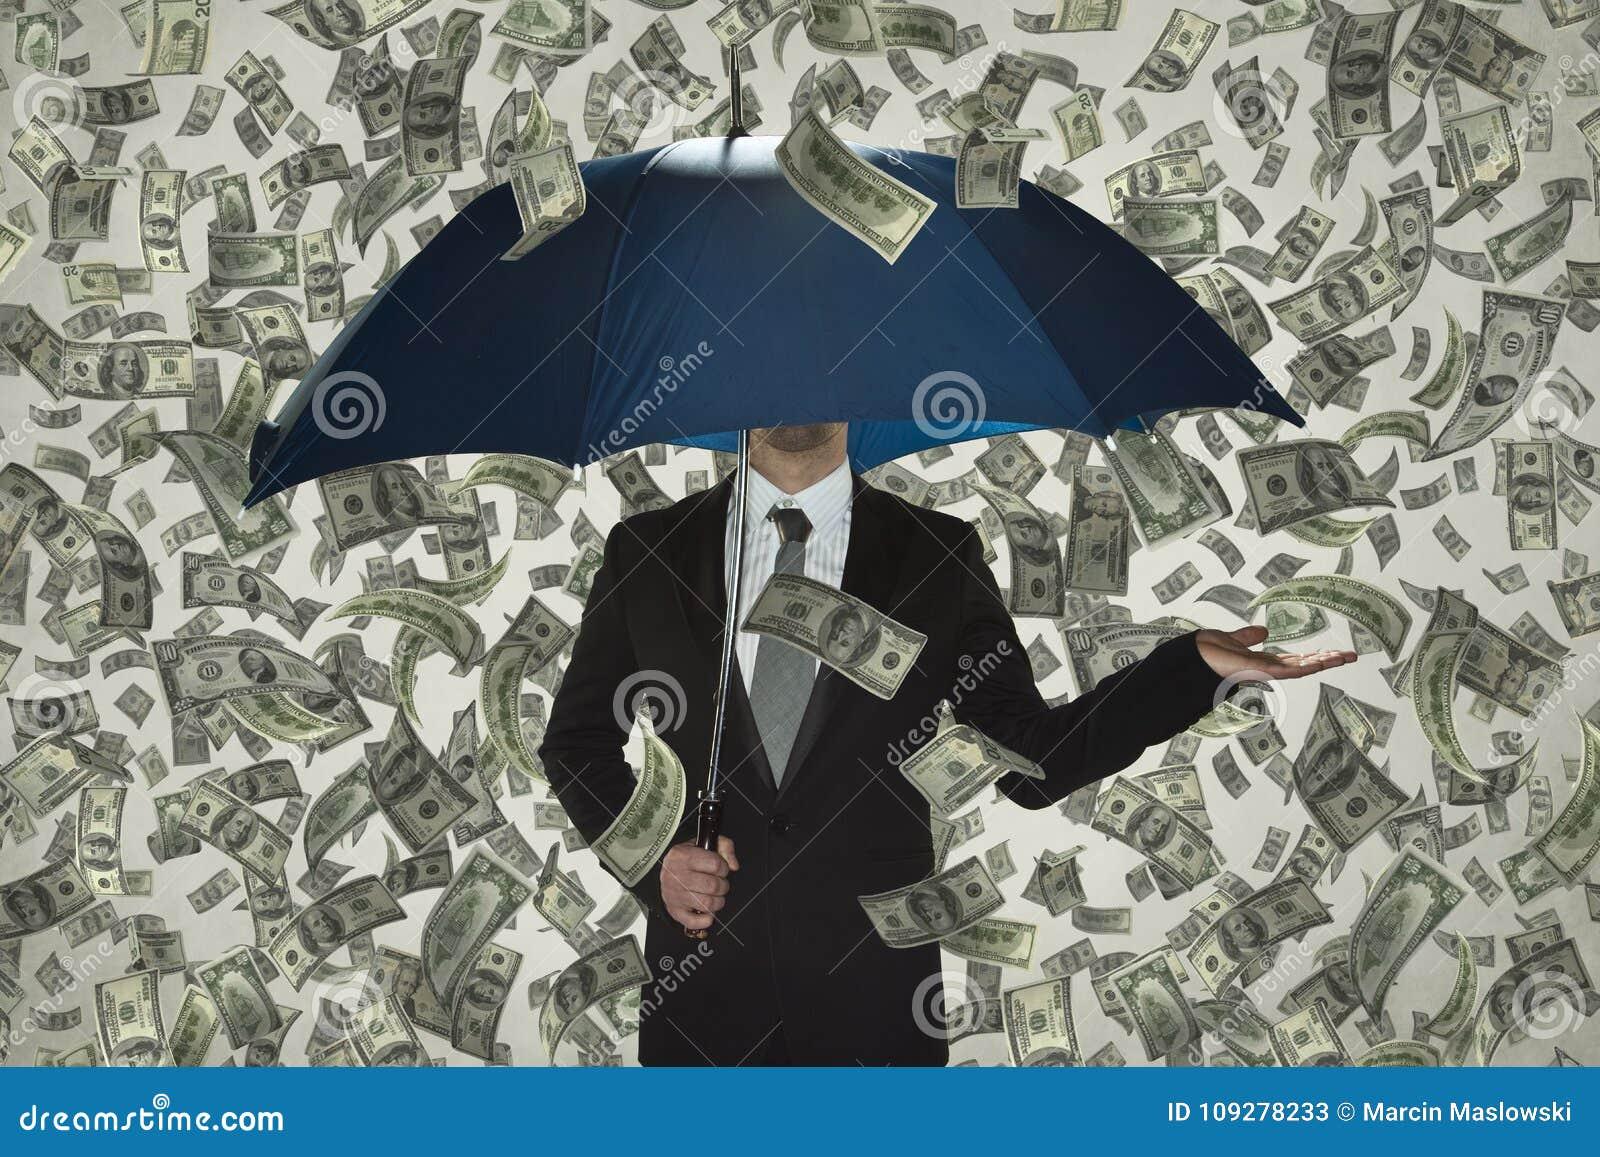 Я не вижу никакой кризис, дождь денег, бизнесмена под зонтиком